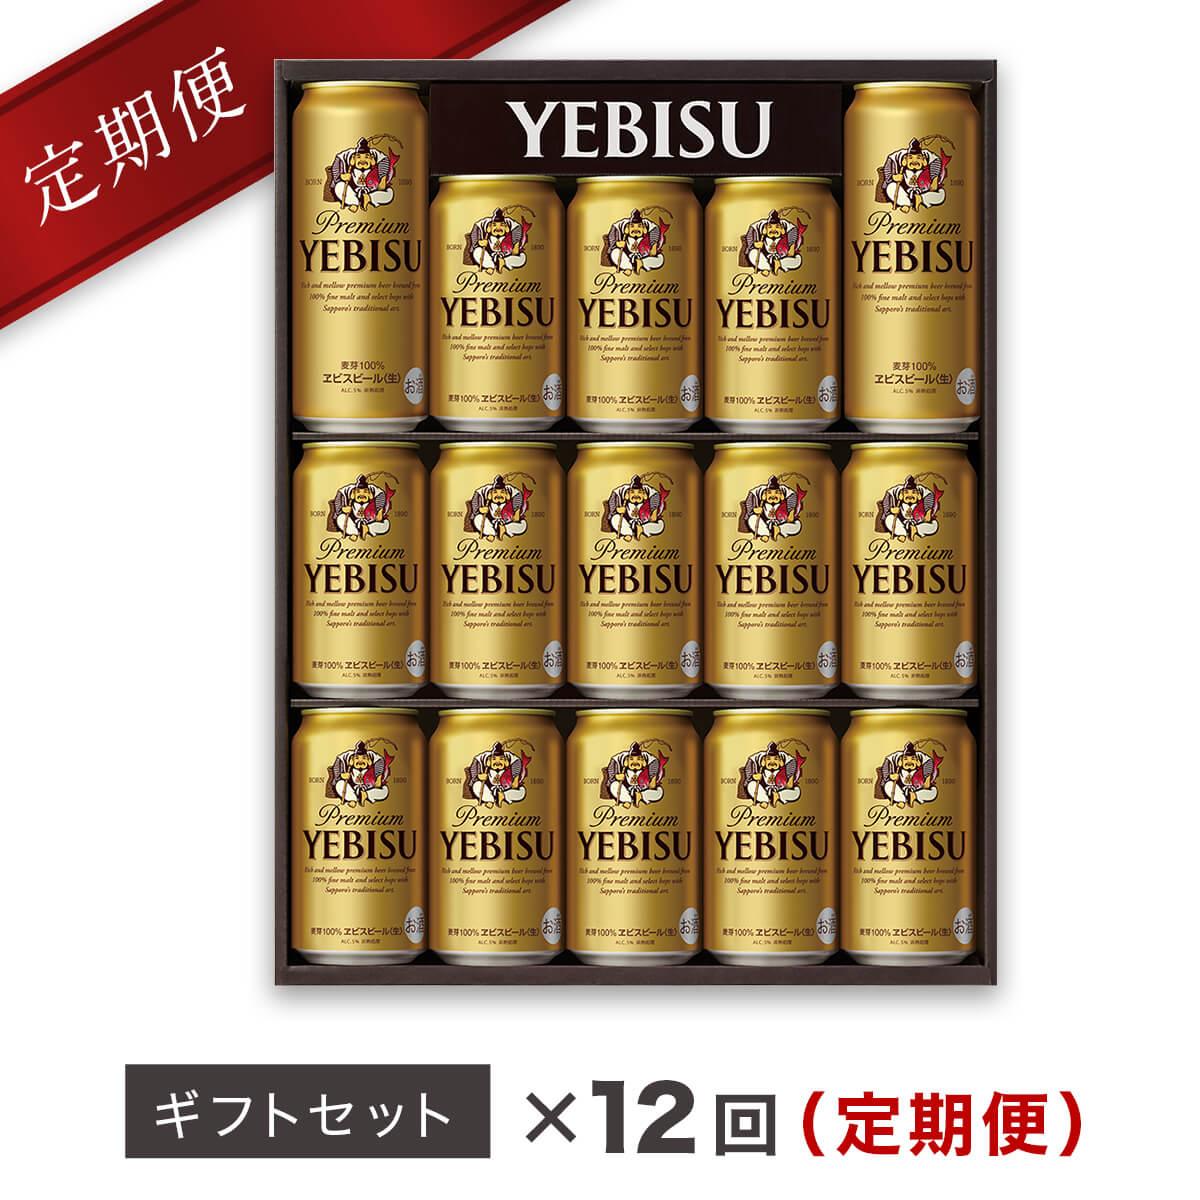 【ふるさと納税】【毎月お届け定期便】地元名取生産エビスビールを12回お届け!